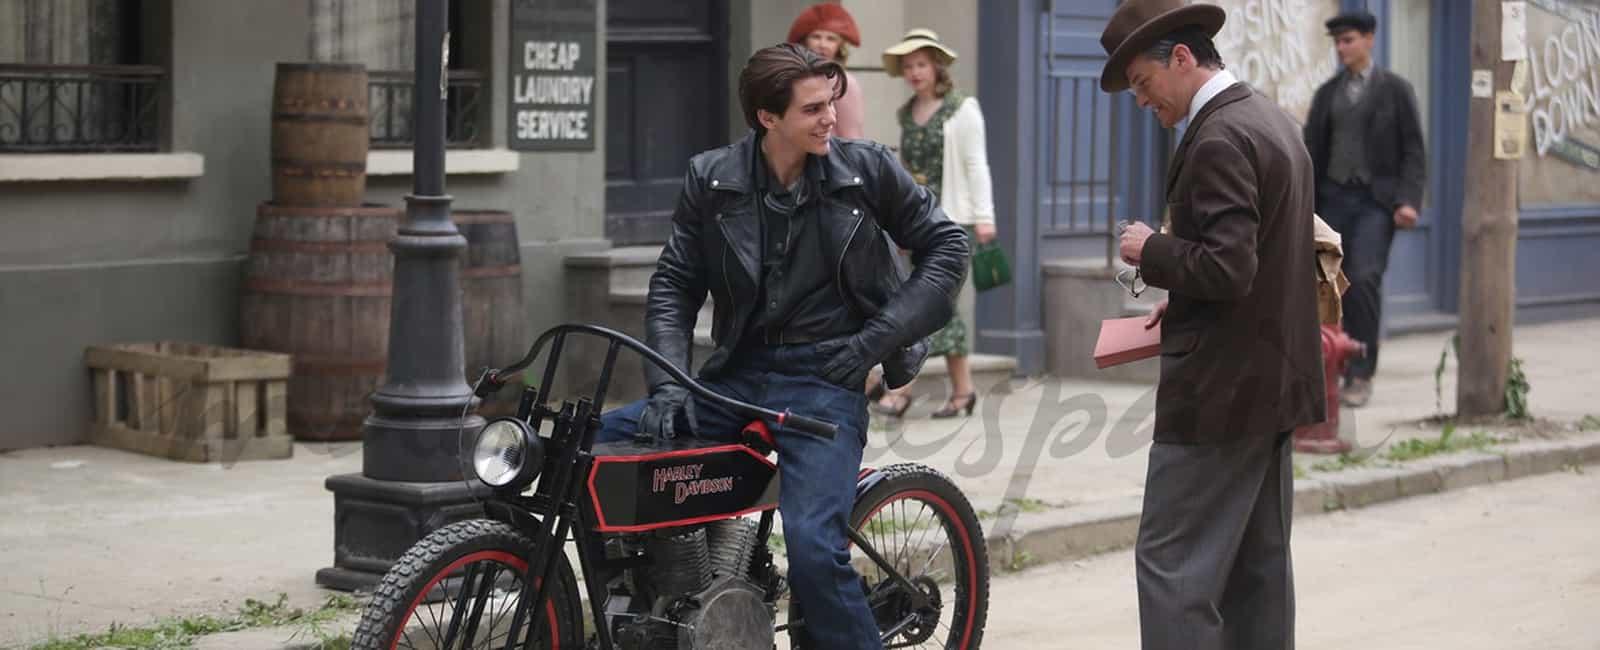 «Harley y los Davidson», la historia de la mítica Harley Davidson convertida en serie de televisión